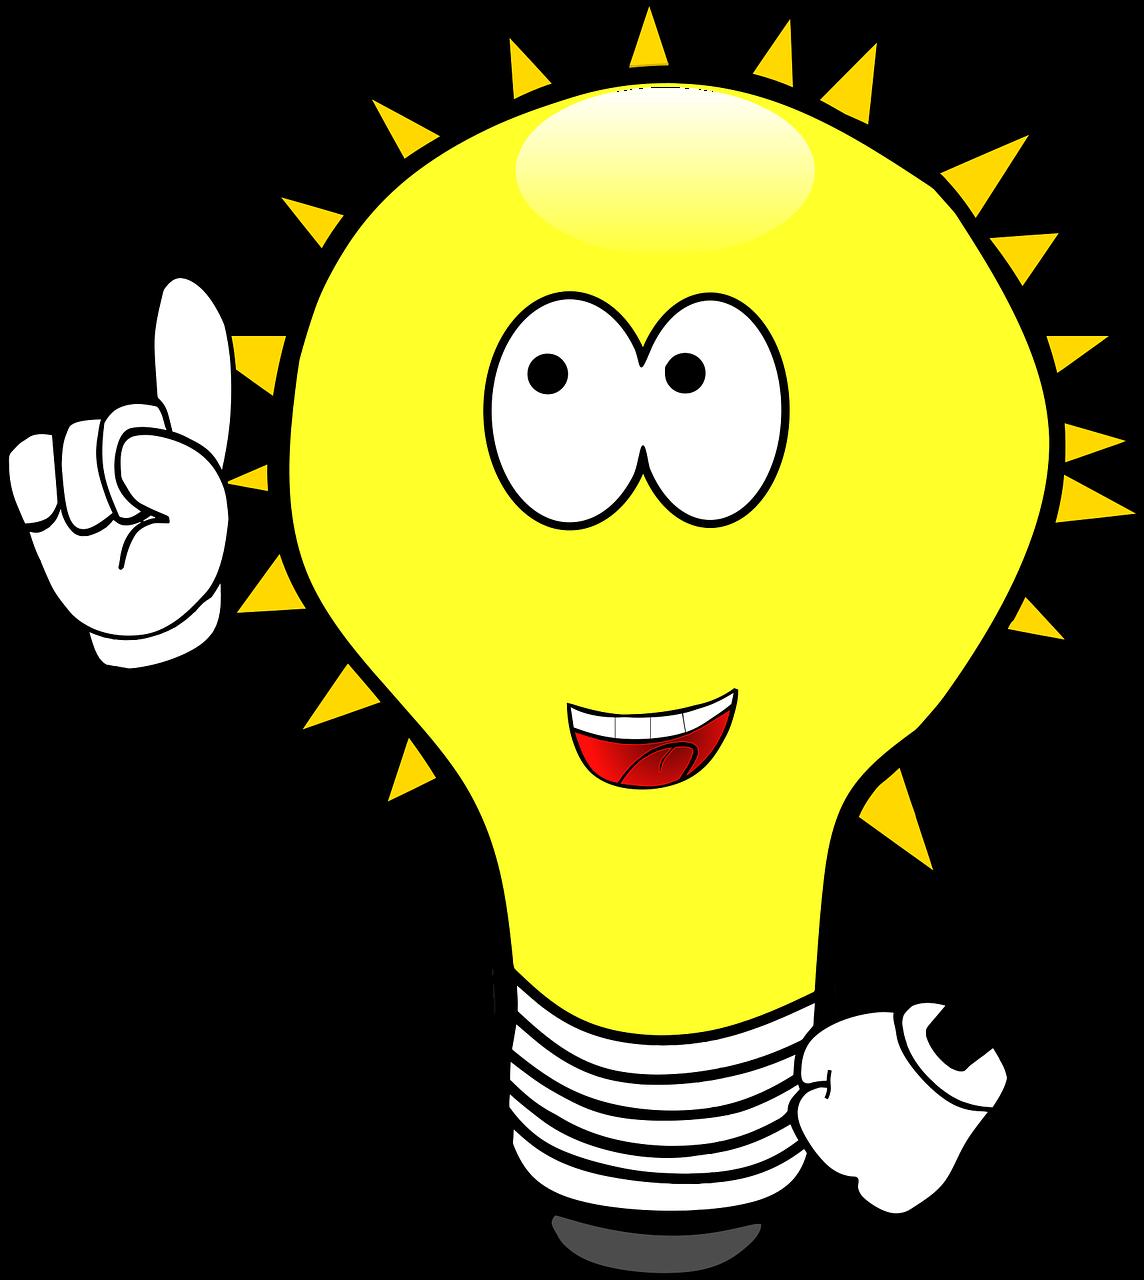 Glühbirne Idee Erleuchtung - Kostenlose Vektorgrafik auf Pixabay